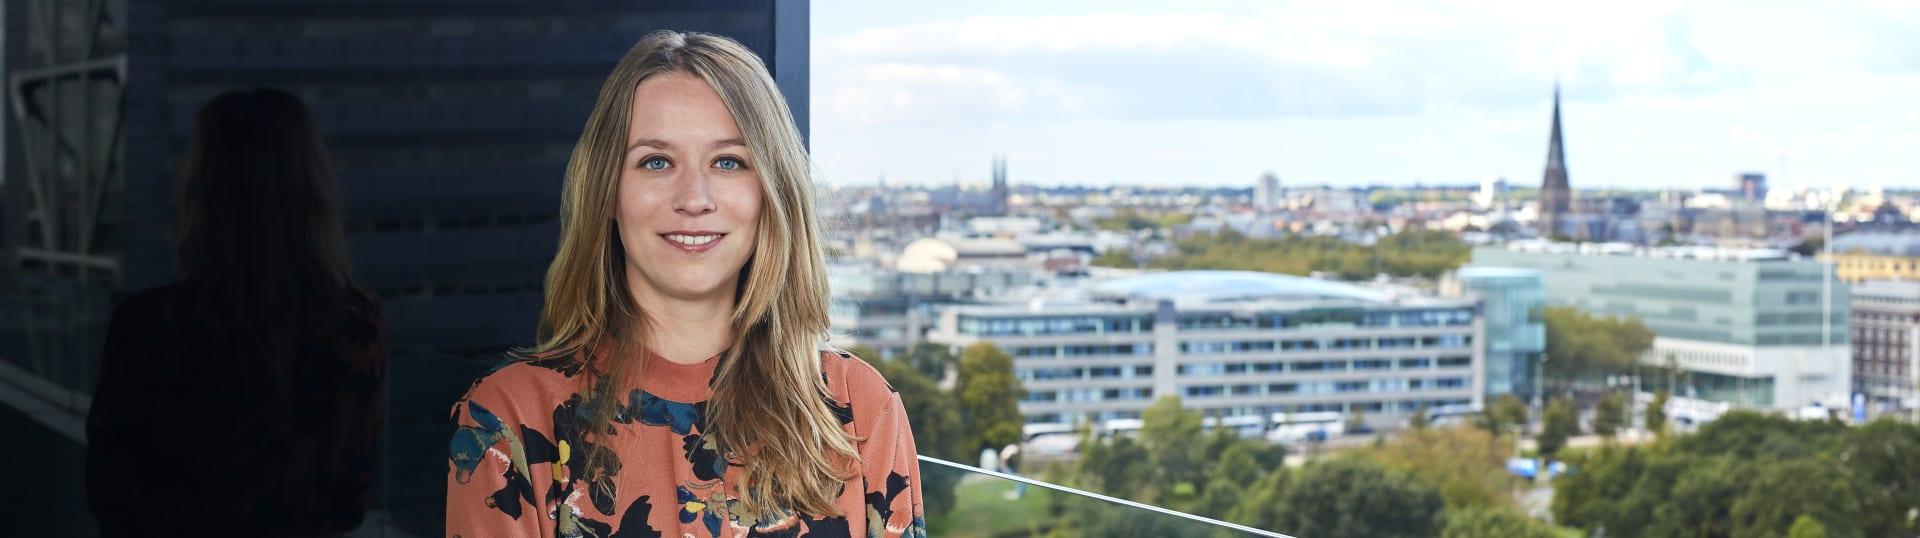 Linda Benink, kandidaat-notaris Pels Rijcken